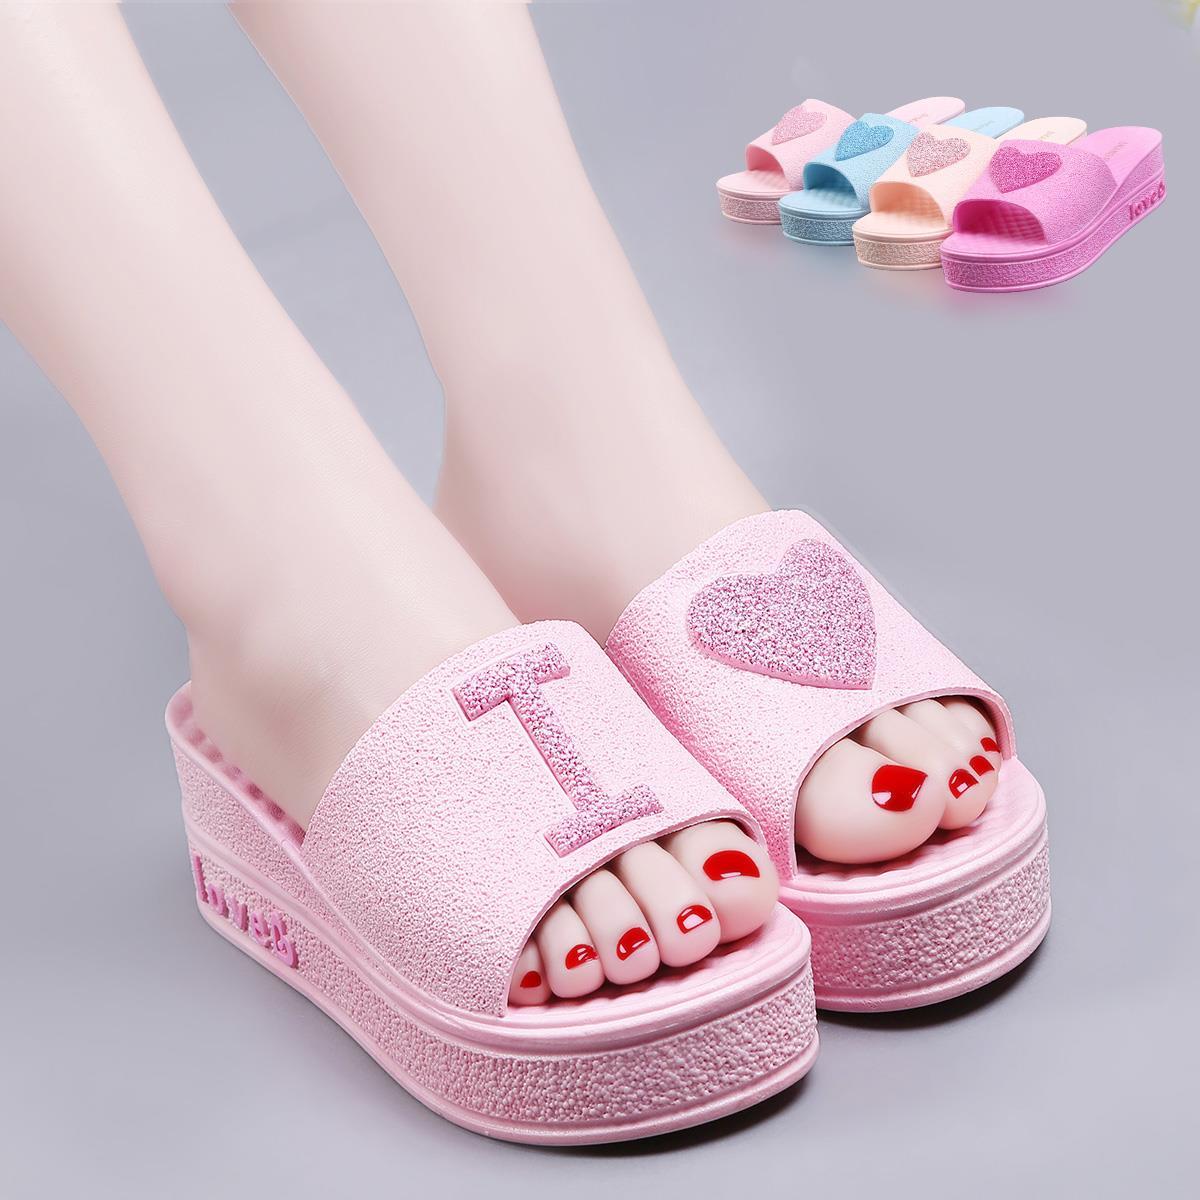 夏天浴室拖鞋夏季女士内增高厚底增高防滑凉鞋家居洗澡室内女跟